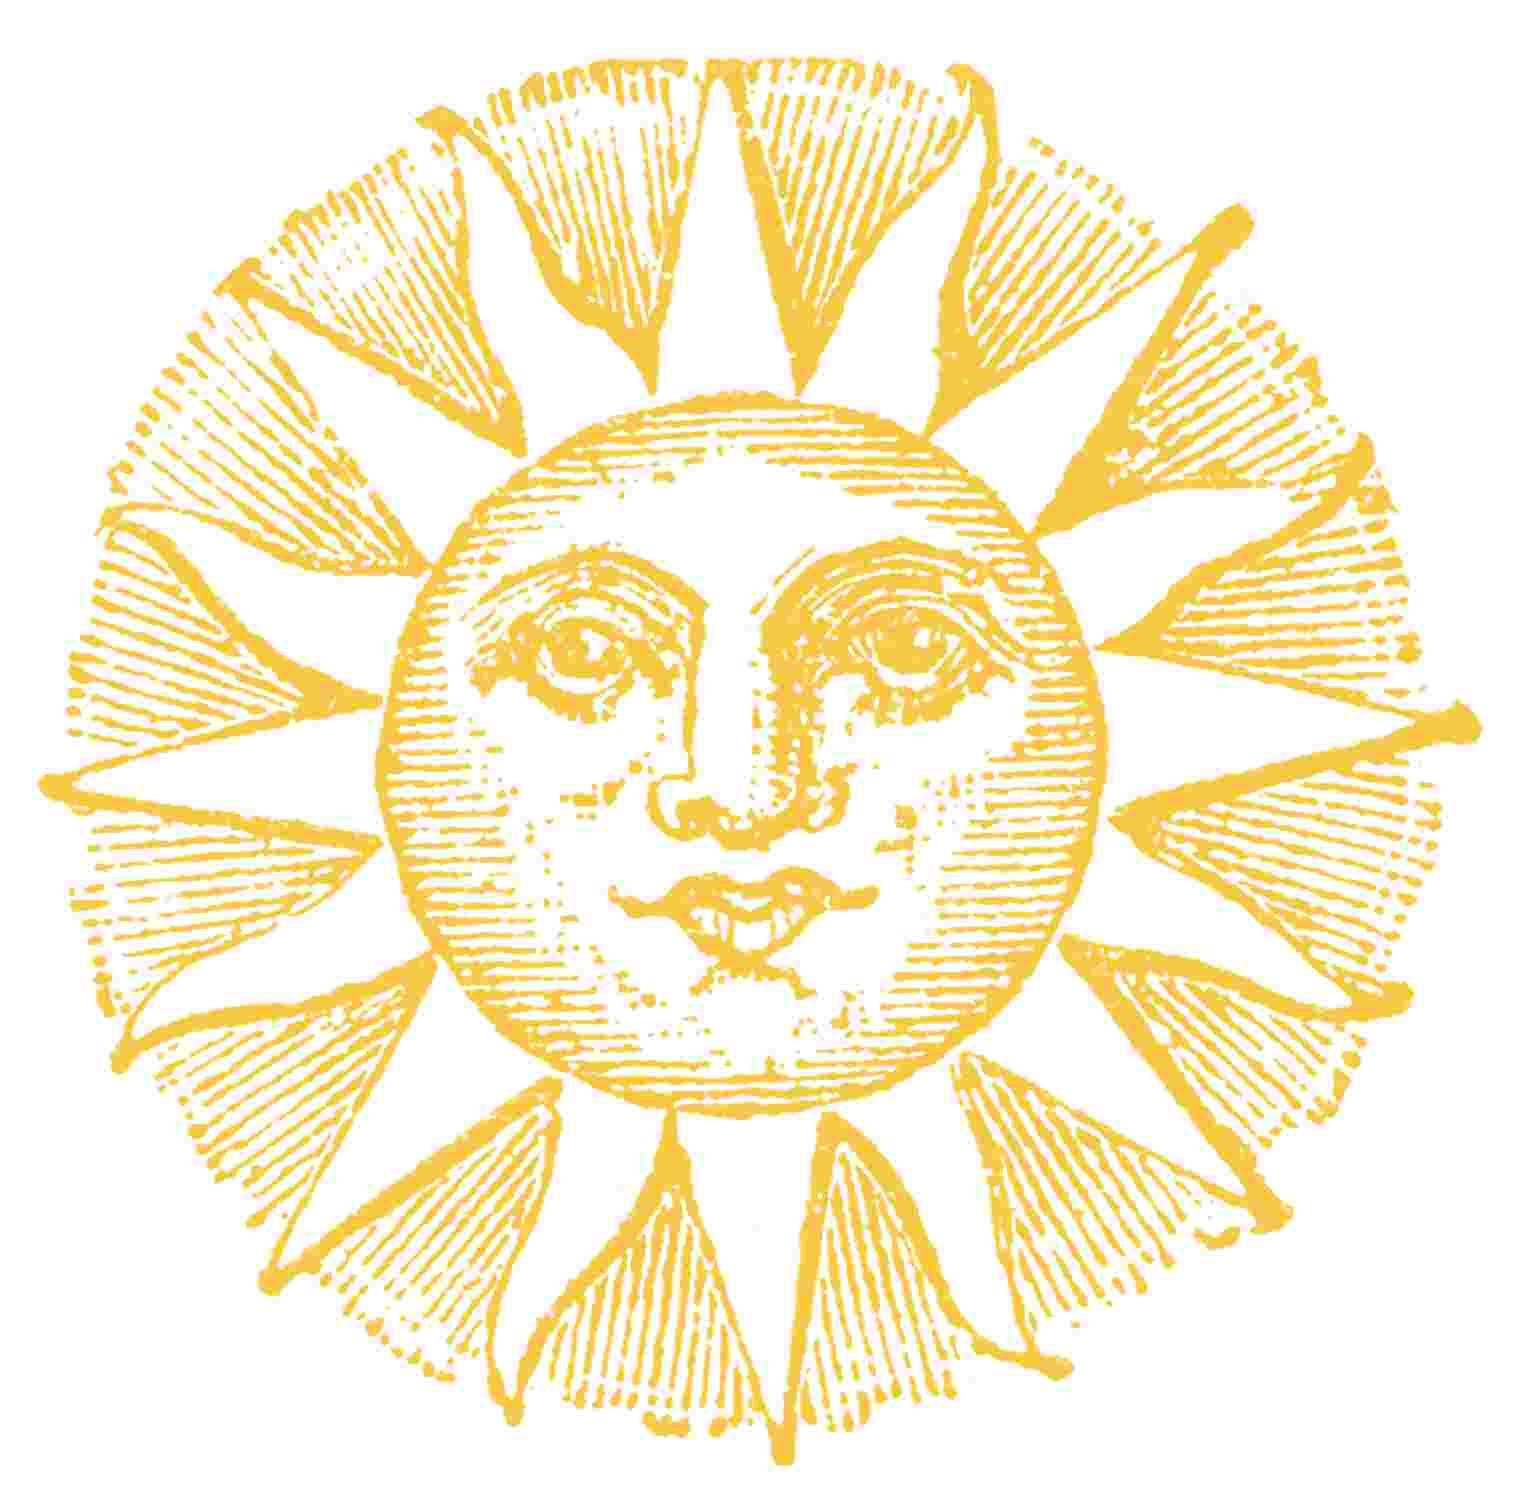 Best Cliparts: Vintage Sun Clipart Free Vintage Sun Cliparts.